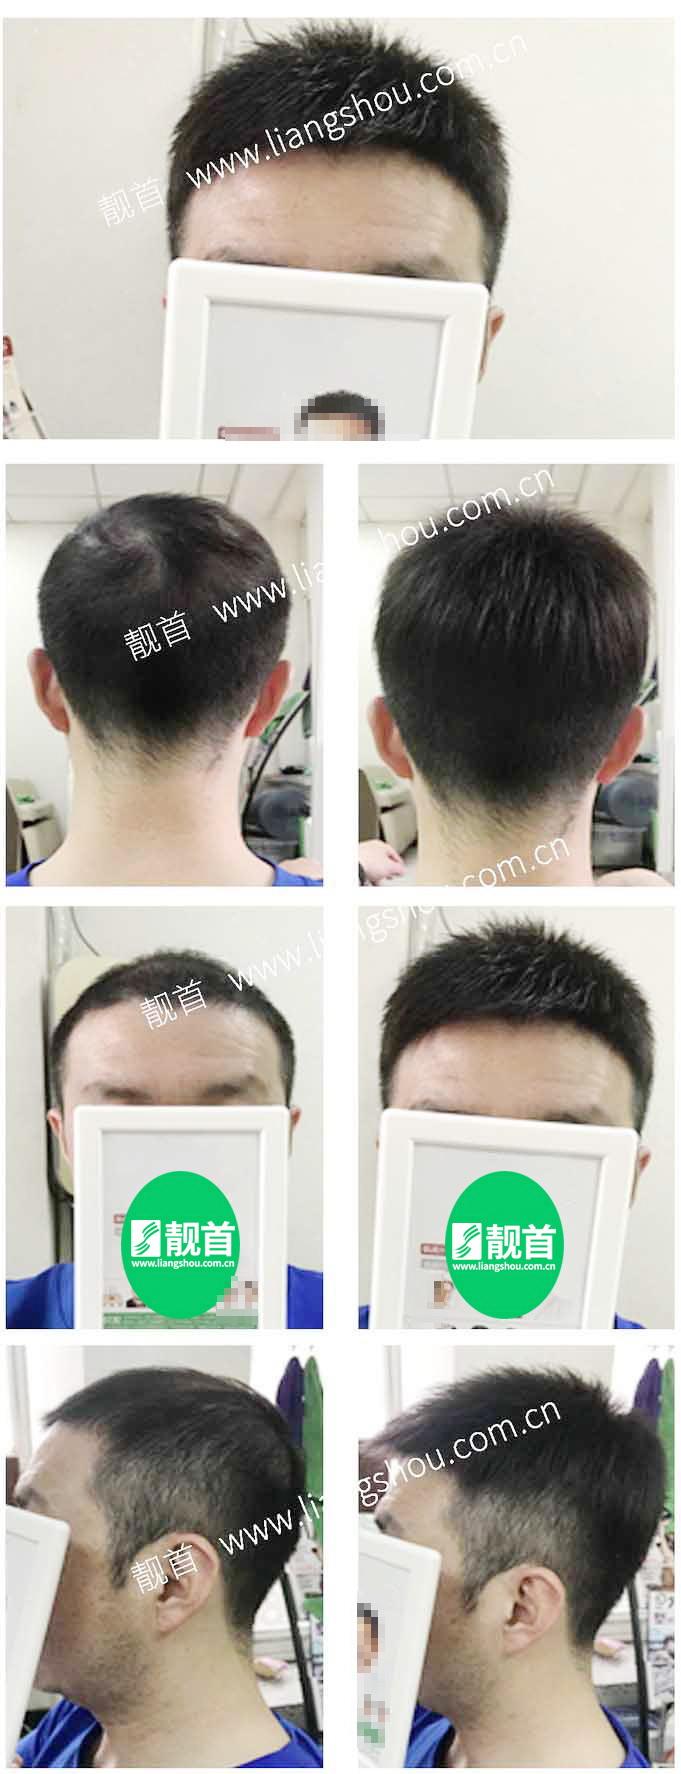 短寸-青年-中年-发块男士织发-补发-真人发假发-实拍案例